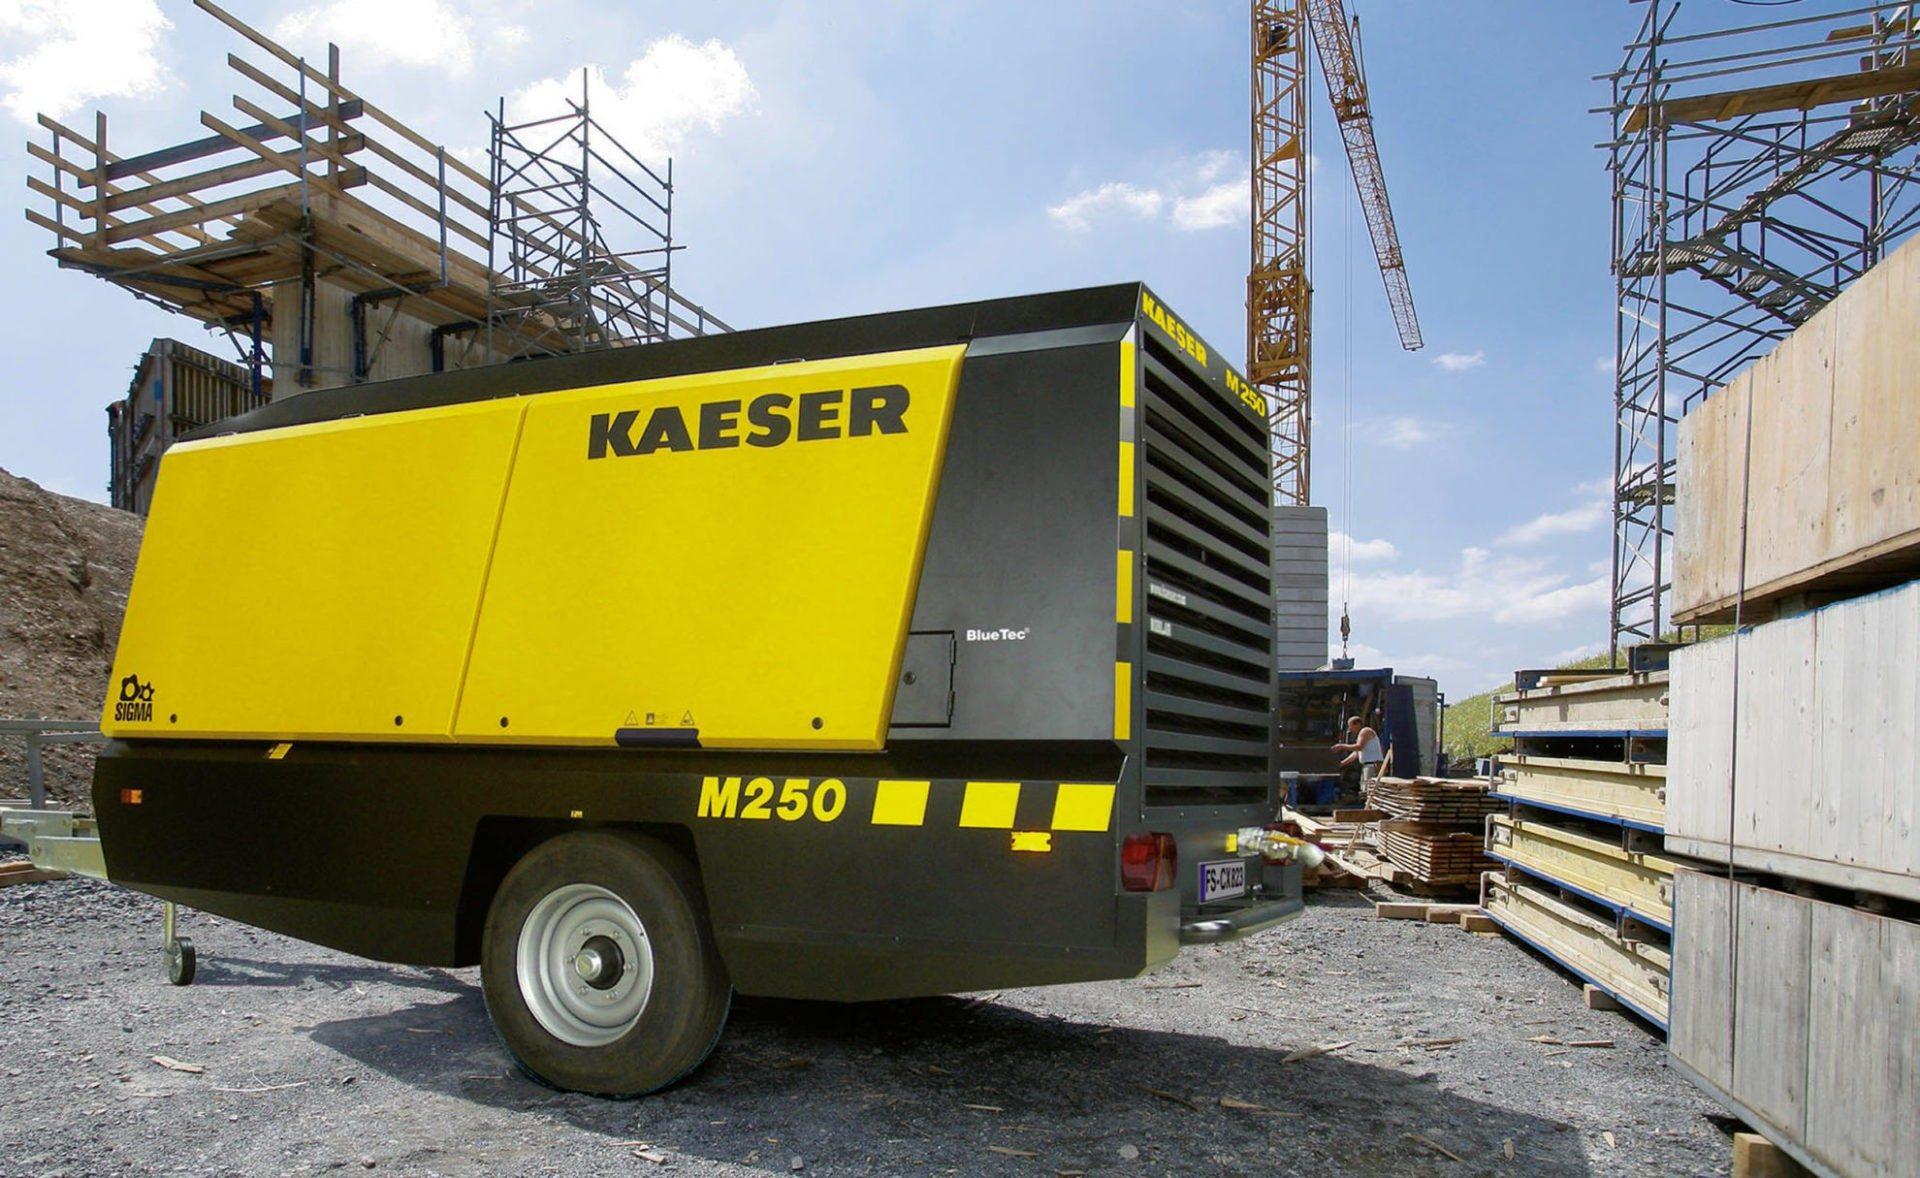 Kaeser M250